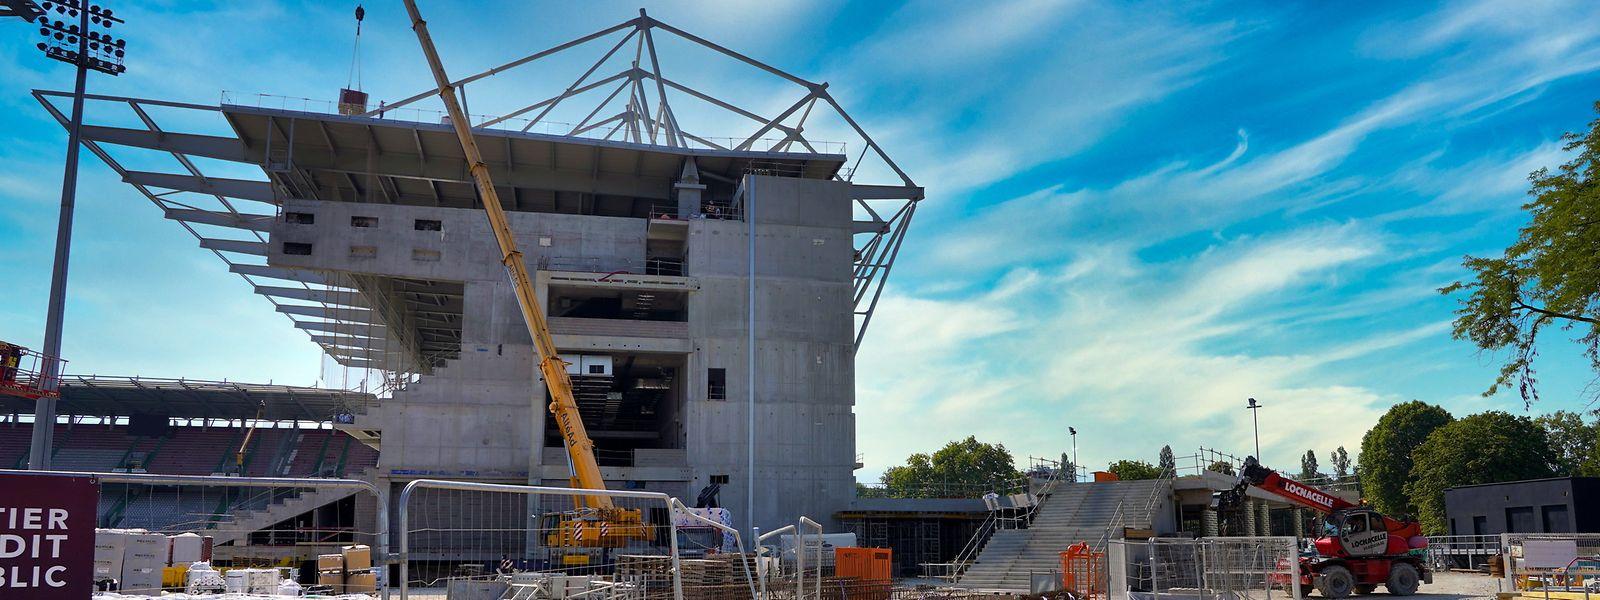 La nouvelle tribune sud ne sera pas opérationnelle pour la reprise du championnat selon le président Bernard Serin.